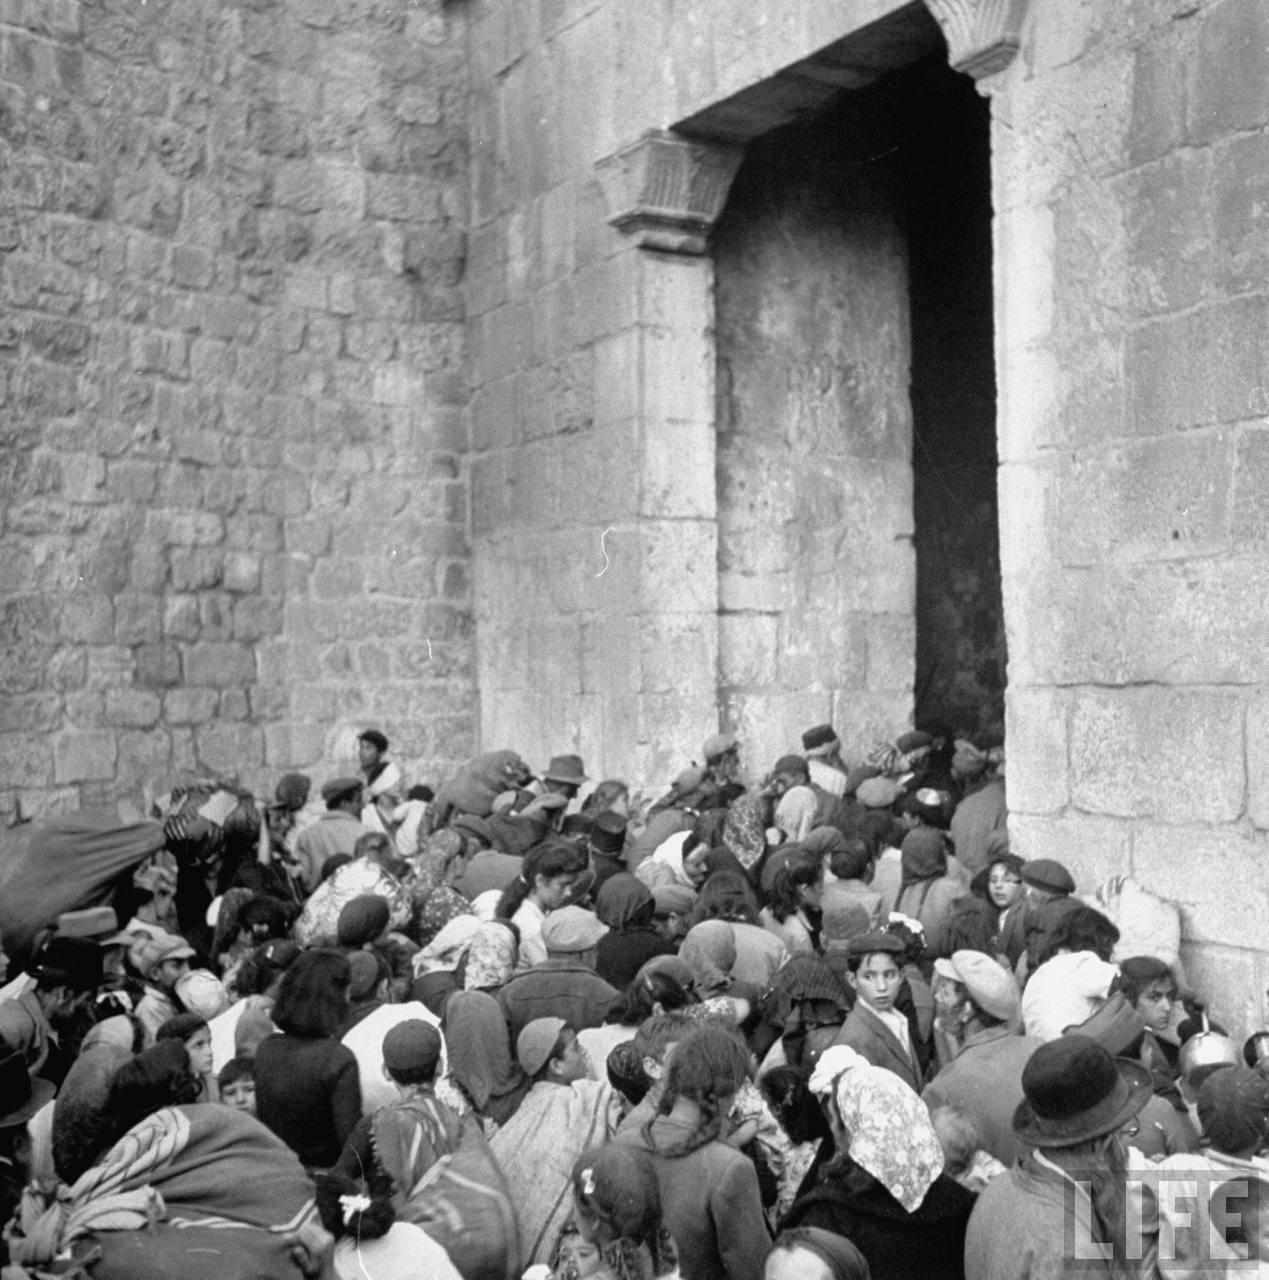 Еврейские семьи покидают старый город через Сионские ворота. Июнь